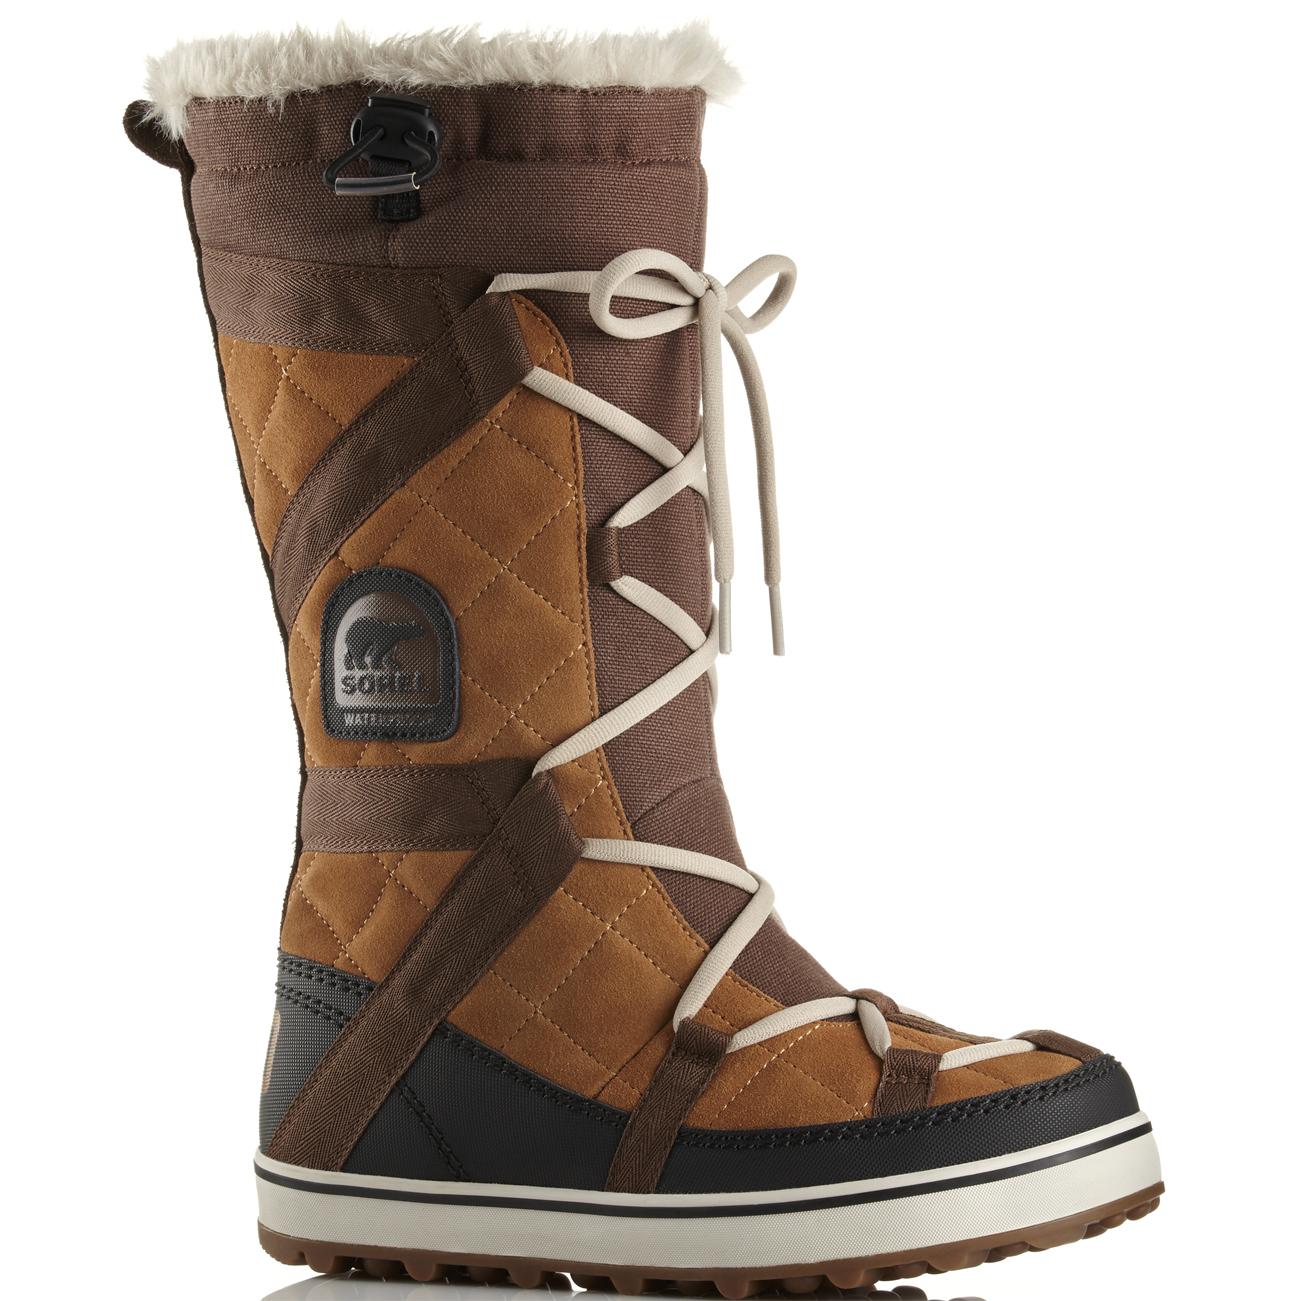 Sorel Mens Walking Boots